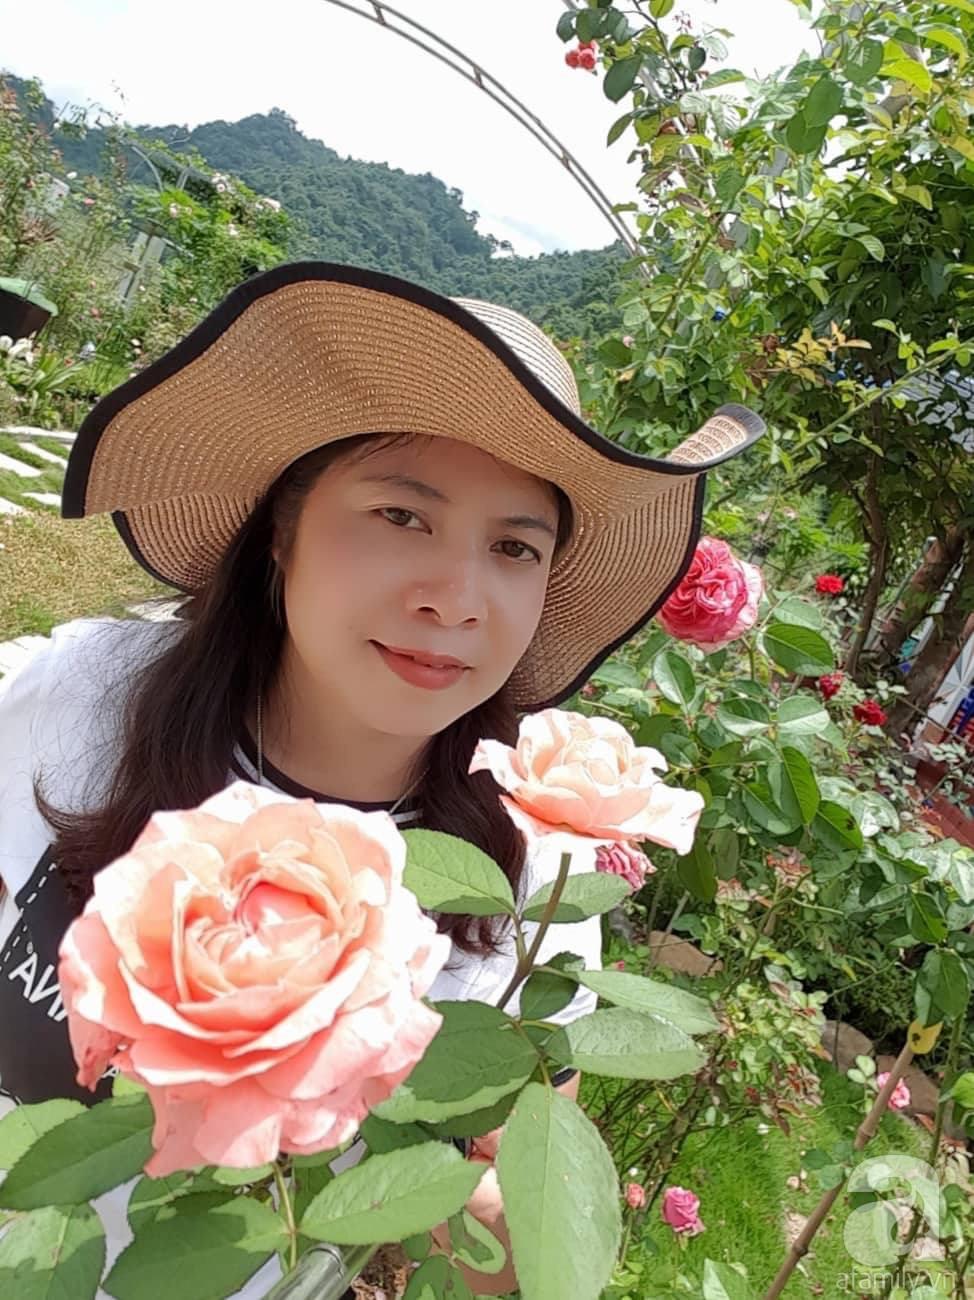 Ngôi nhà hoa hồng thơm ngát và rực rỡ với hàng trăm gốc hồng trên triền núi của cô giáo ở Cao Bằng - Ảnh 3.